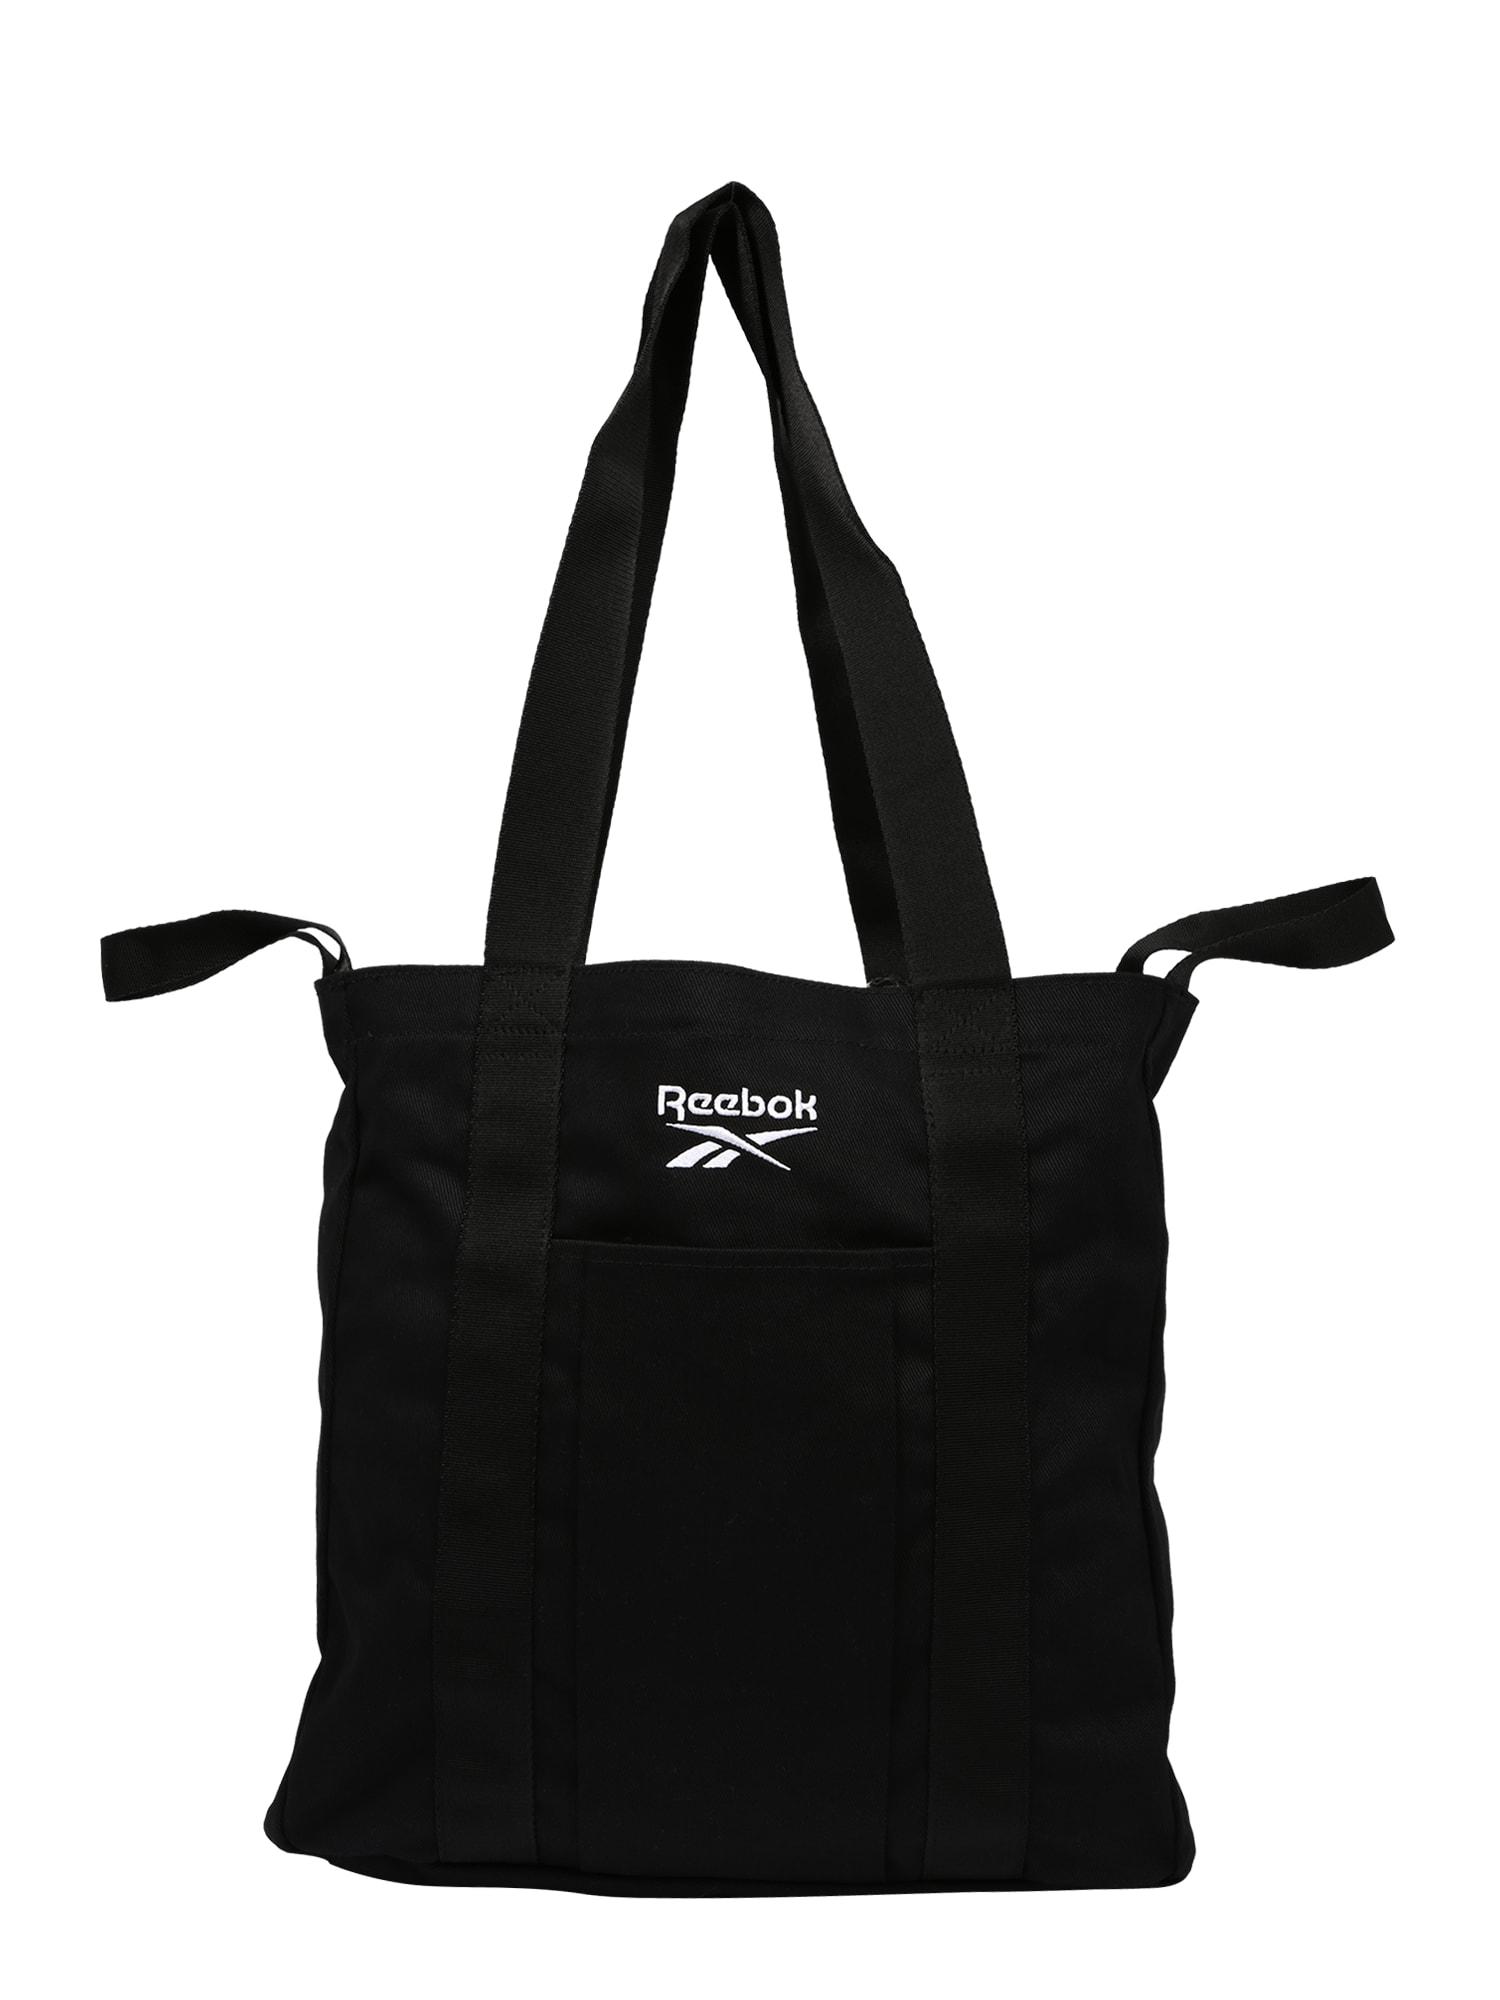 Reebok Classic Pirkinių krepšys juoda / balta